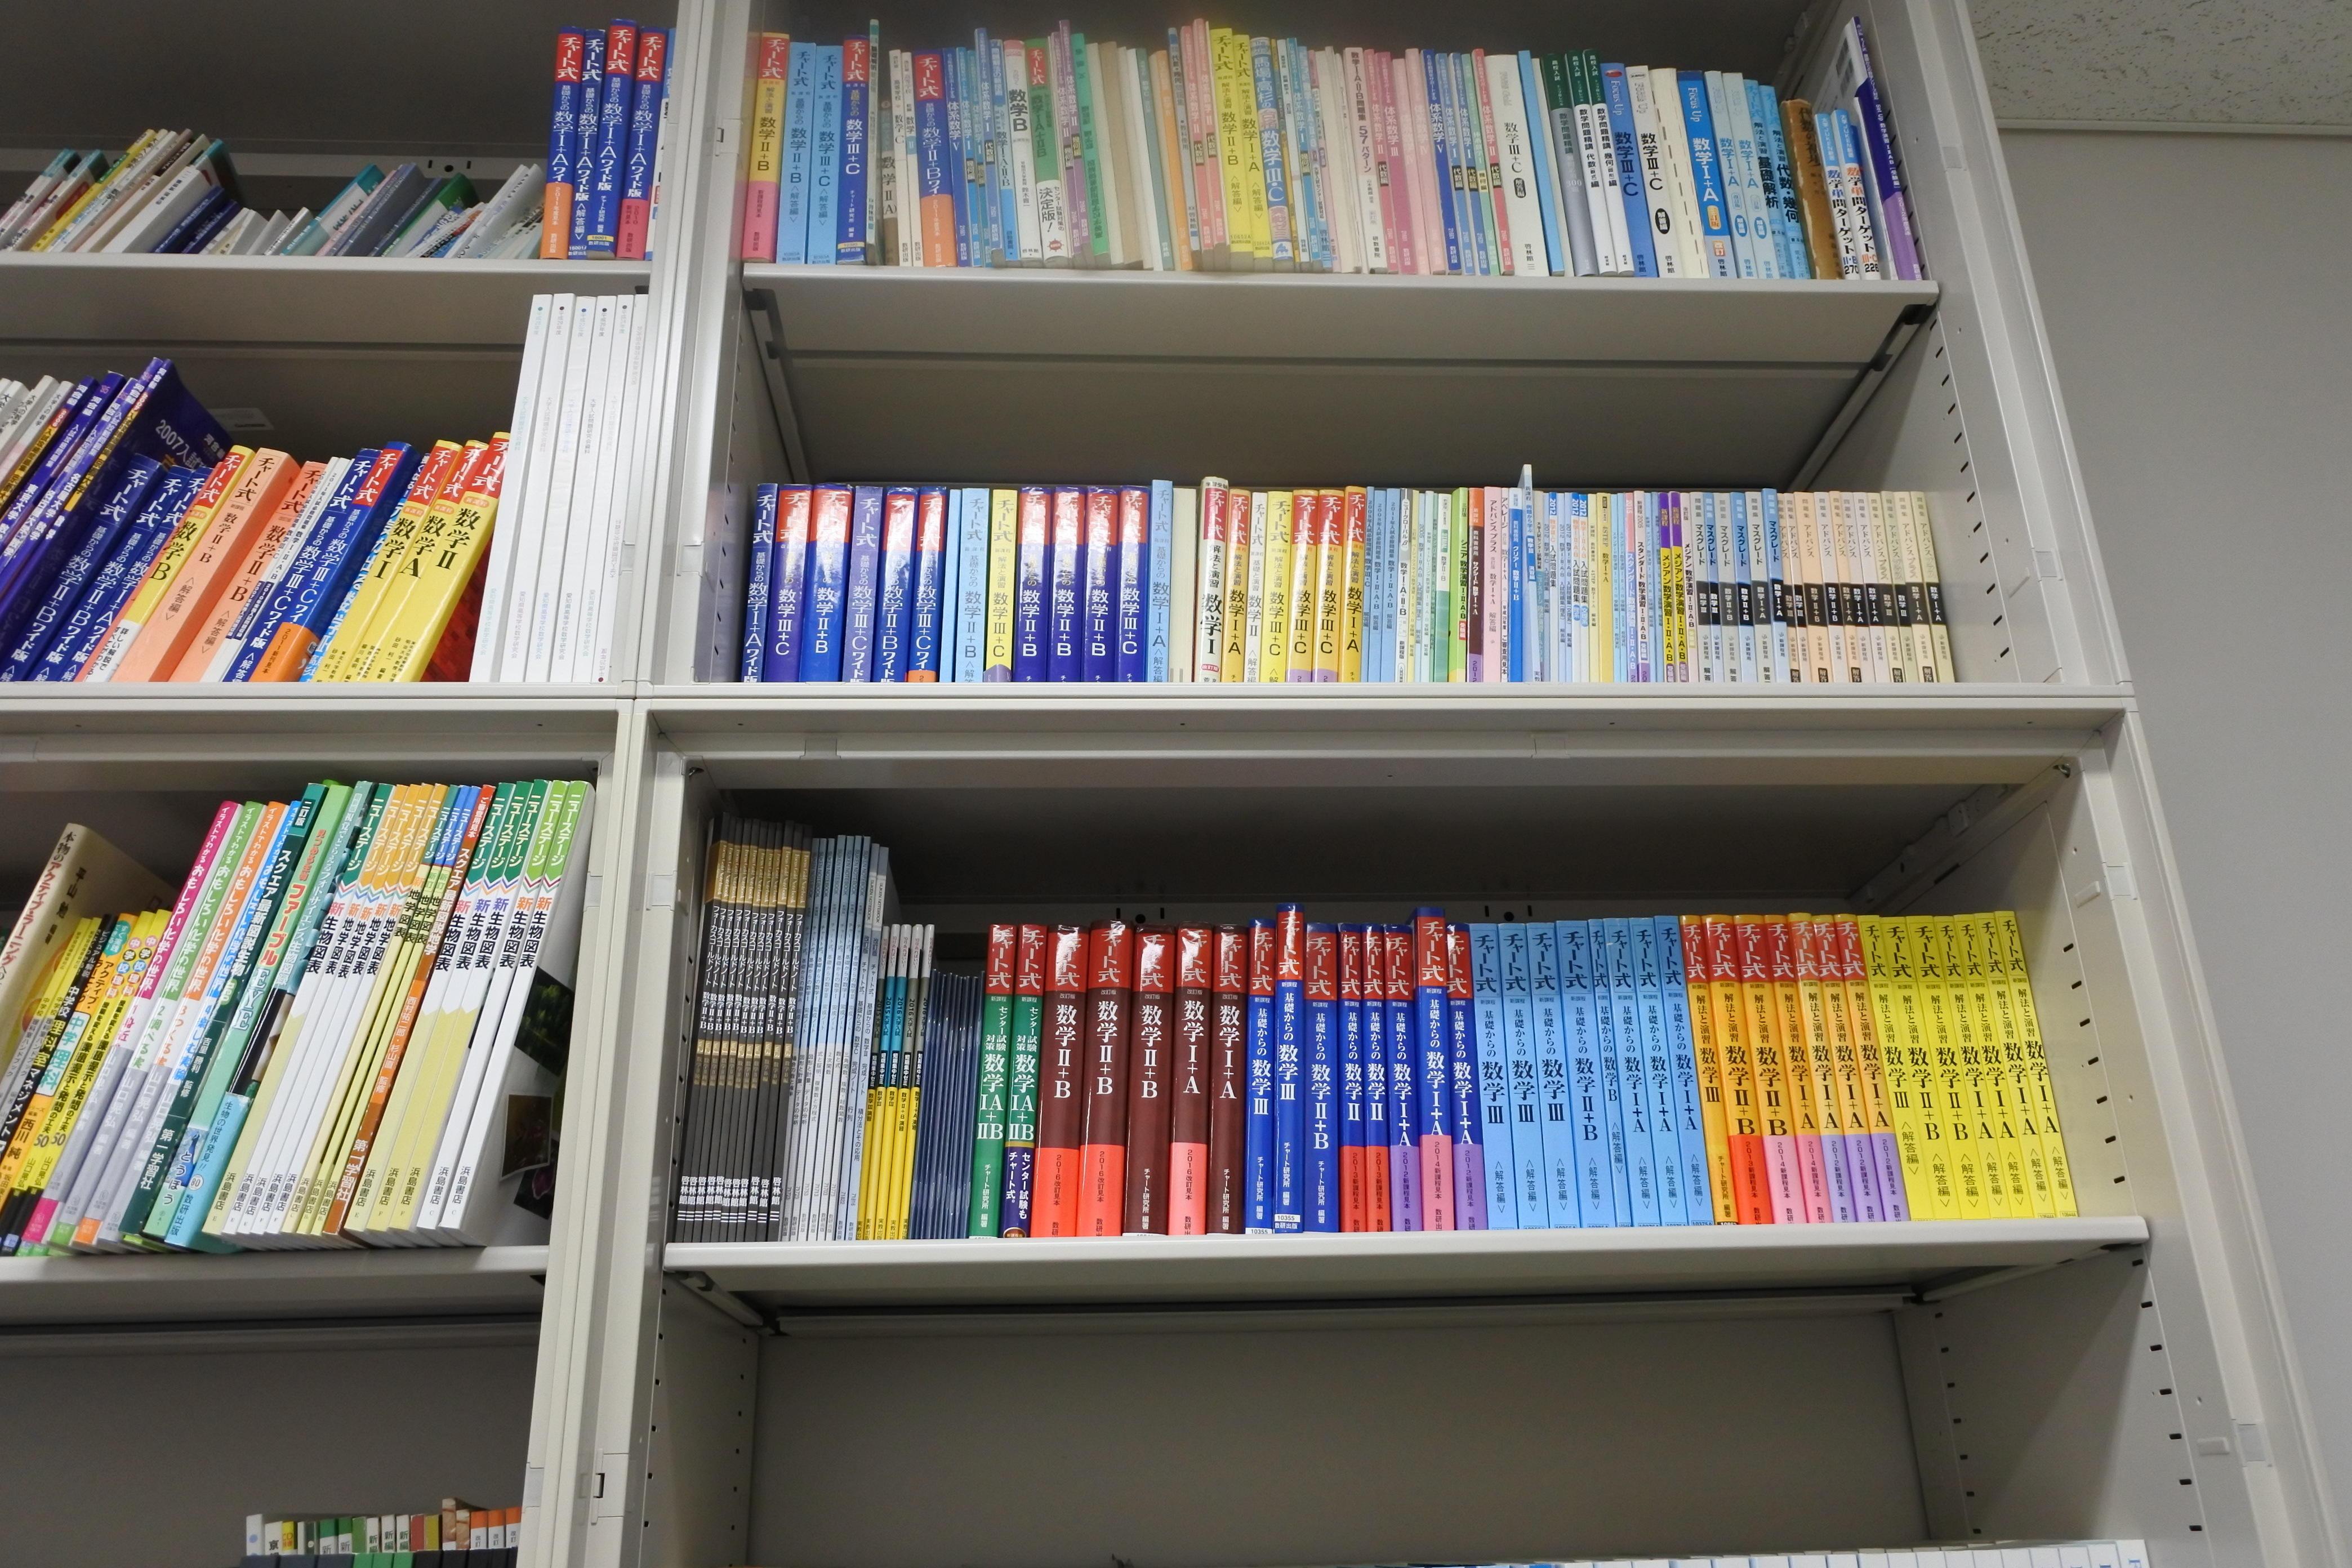 教職学習室の書棚に並んだ参考書類